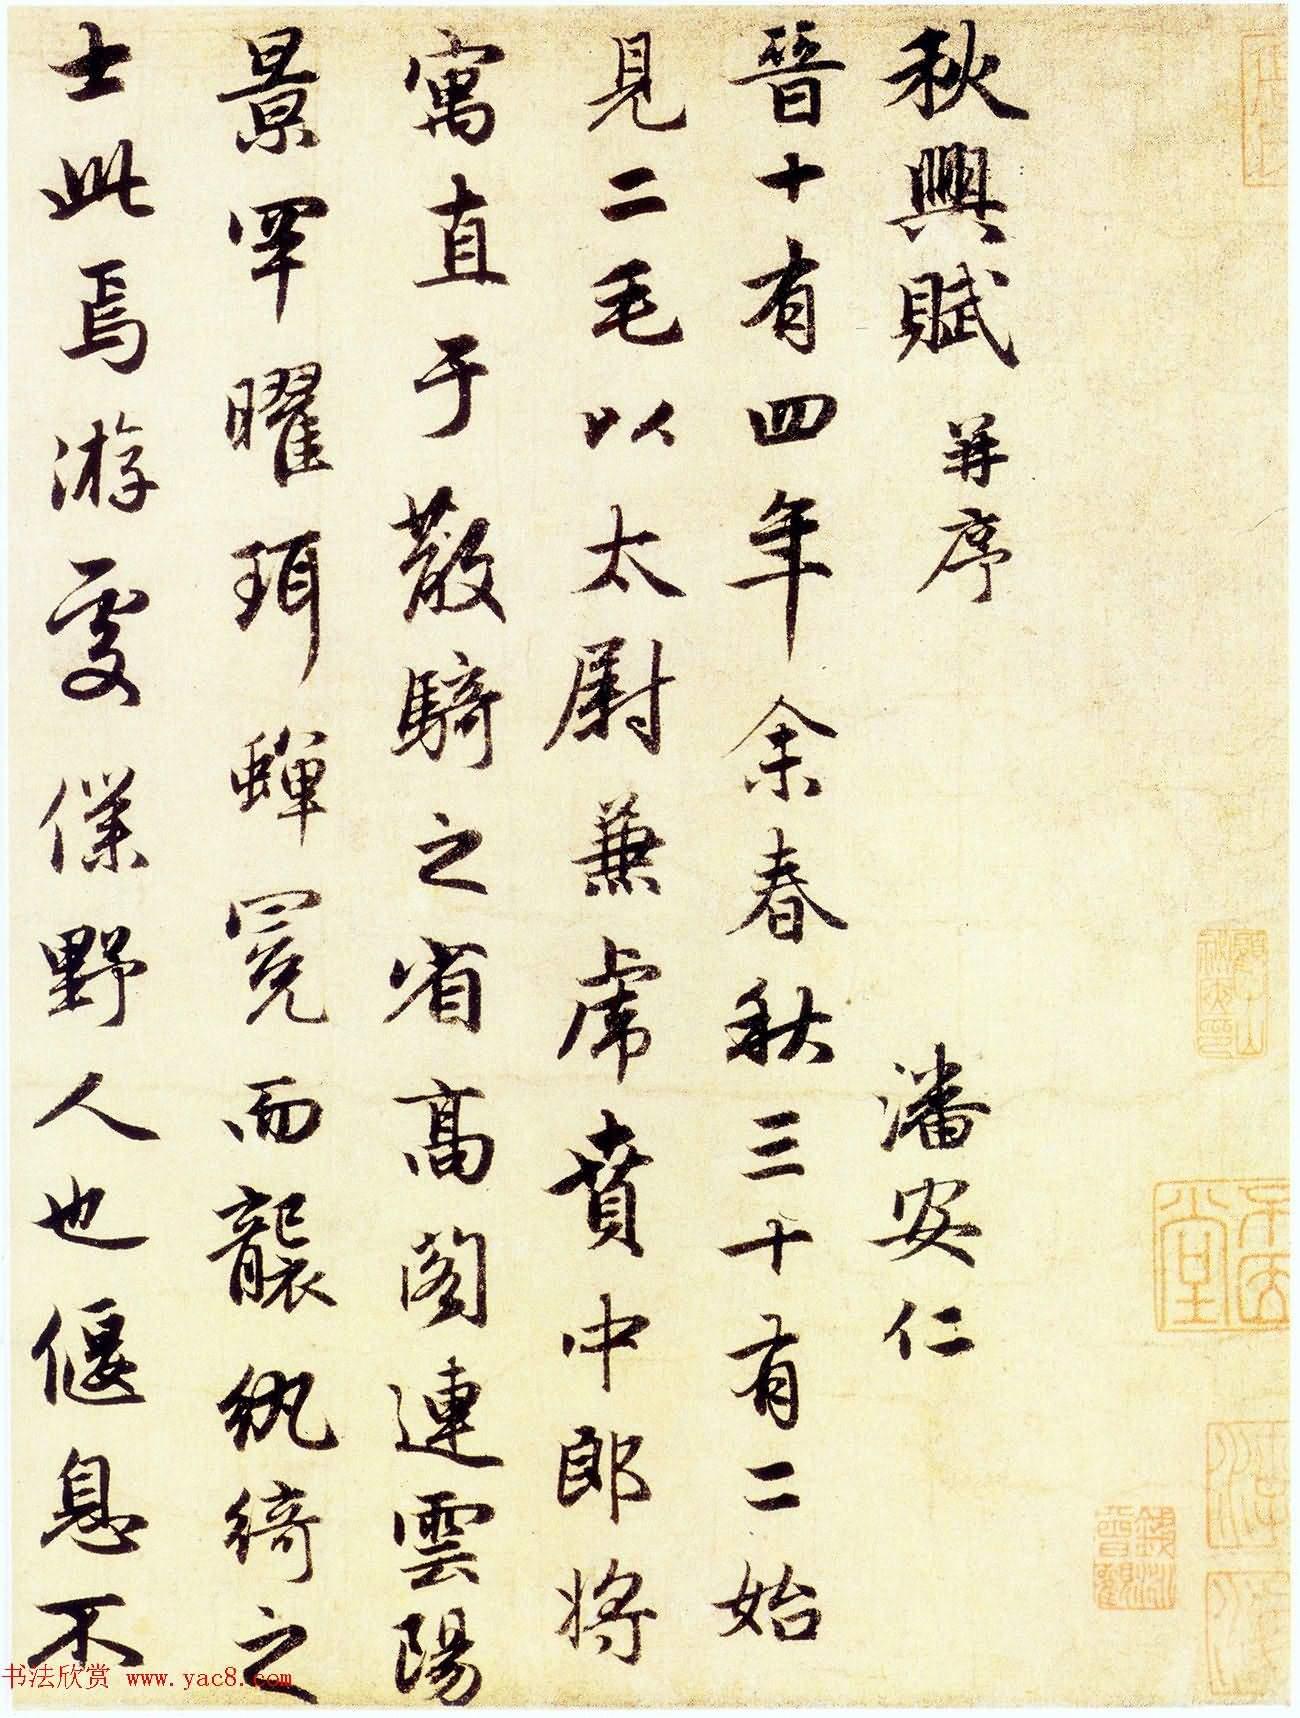 趙孟頫行書作品真跡欣賞《秋興賦並序》(共10張圖片)